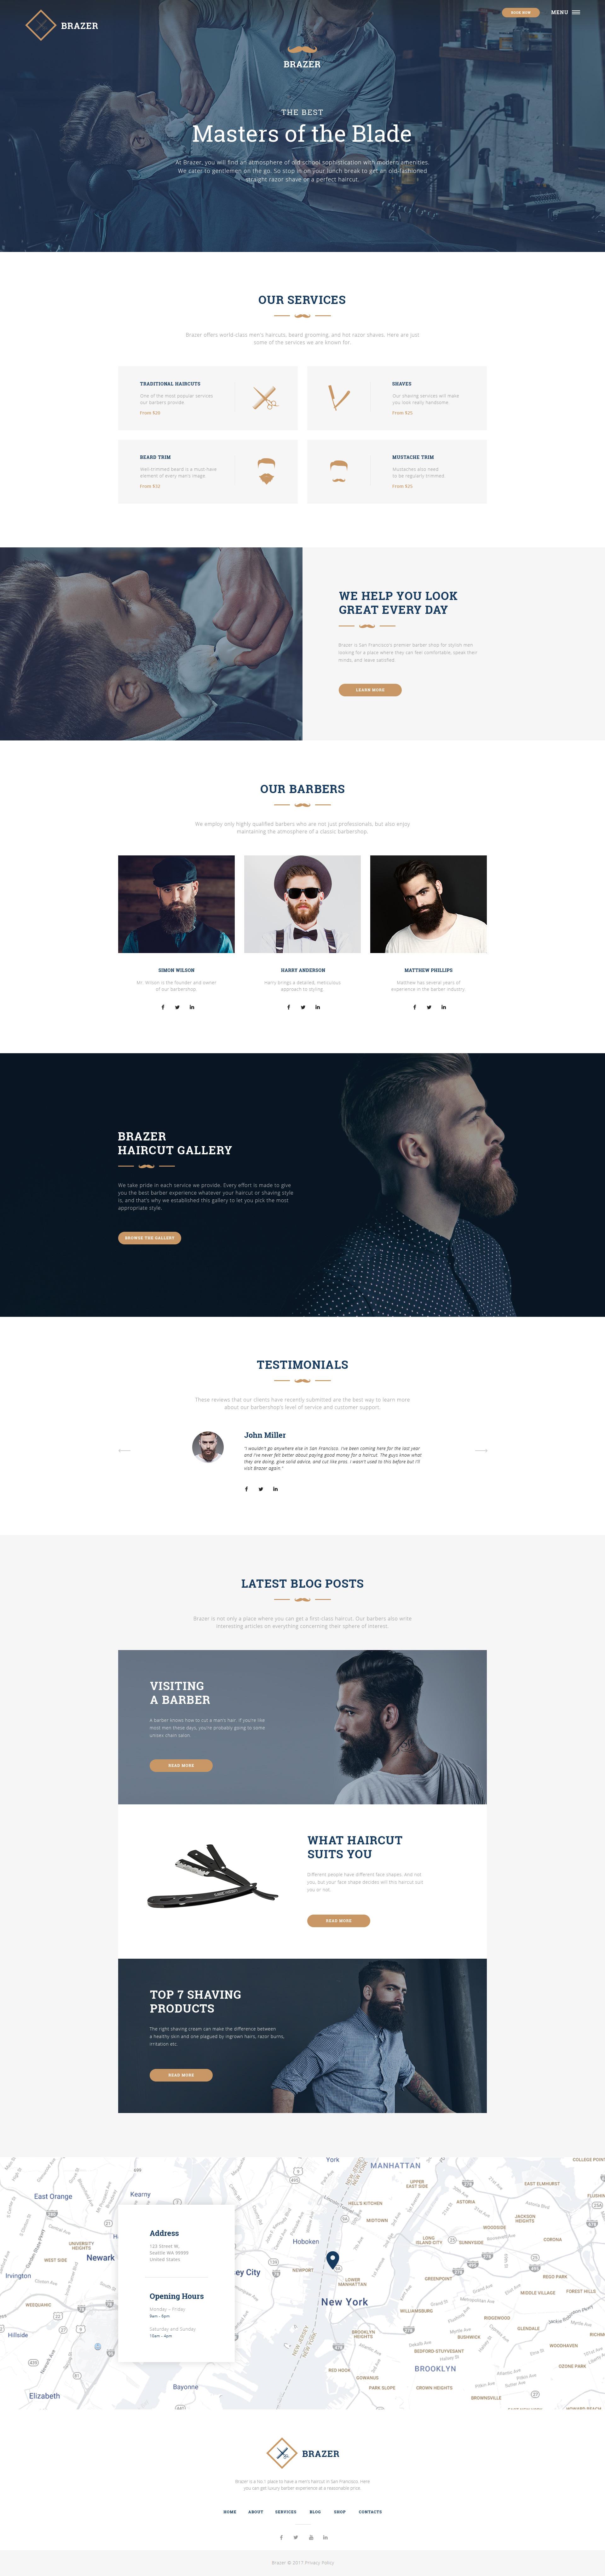 Bootstrap Шаблон сайту на тему перукарня №46078 - скріншот